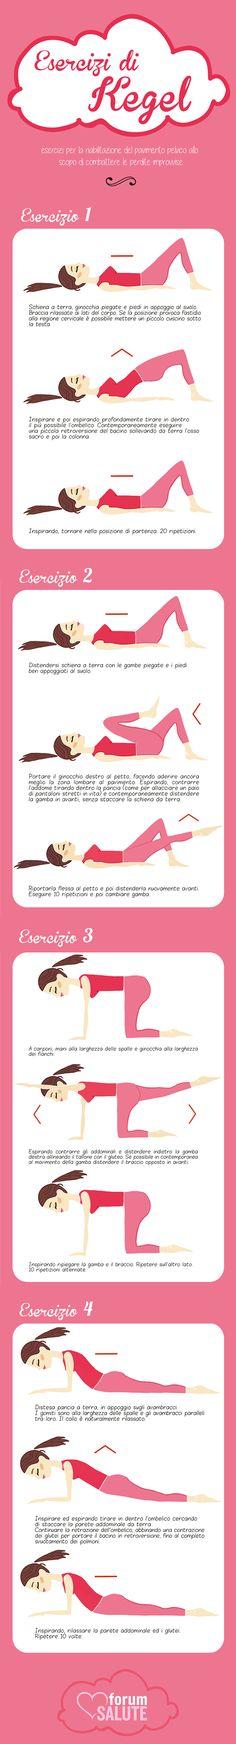 Esercitare i muscoli del pavimento pelvico è un modo efficace per minimizzare o prevenire le piccole perdite di urina sia nella donna sia nell'uomo.